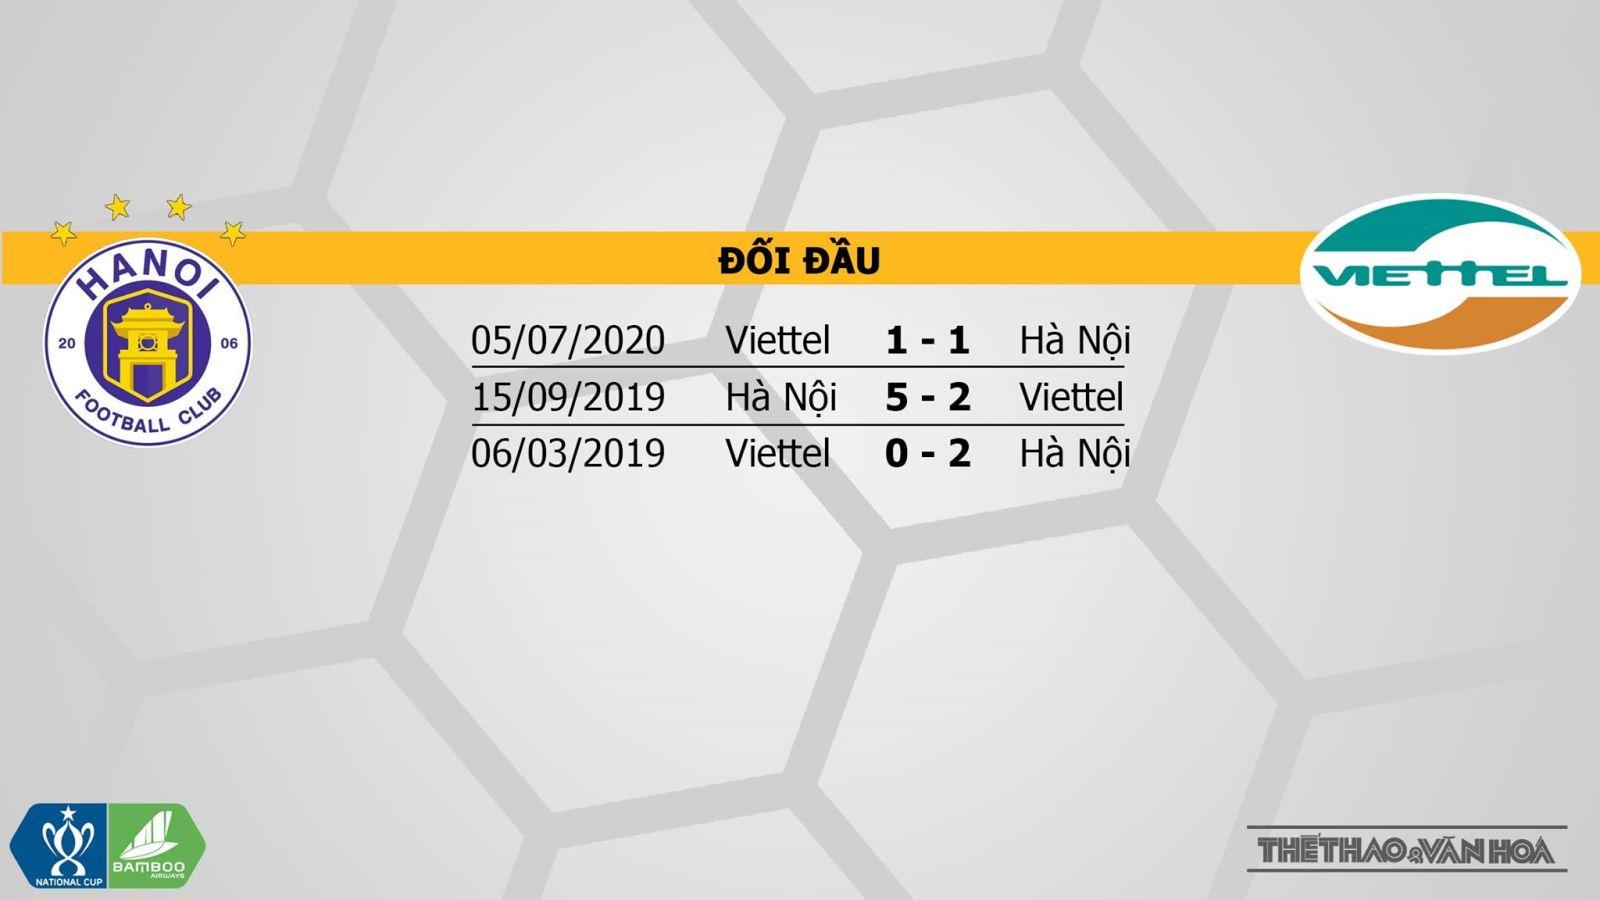 Hà Nội vs Viettel, dự đoán bóng đá, trực tiếp Hà Nội vs Viettel, Hà Nội, Viettel, soi kèo, kèo bóng đá, kèo Hà Nội vs Viettel